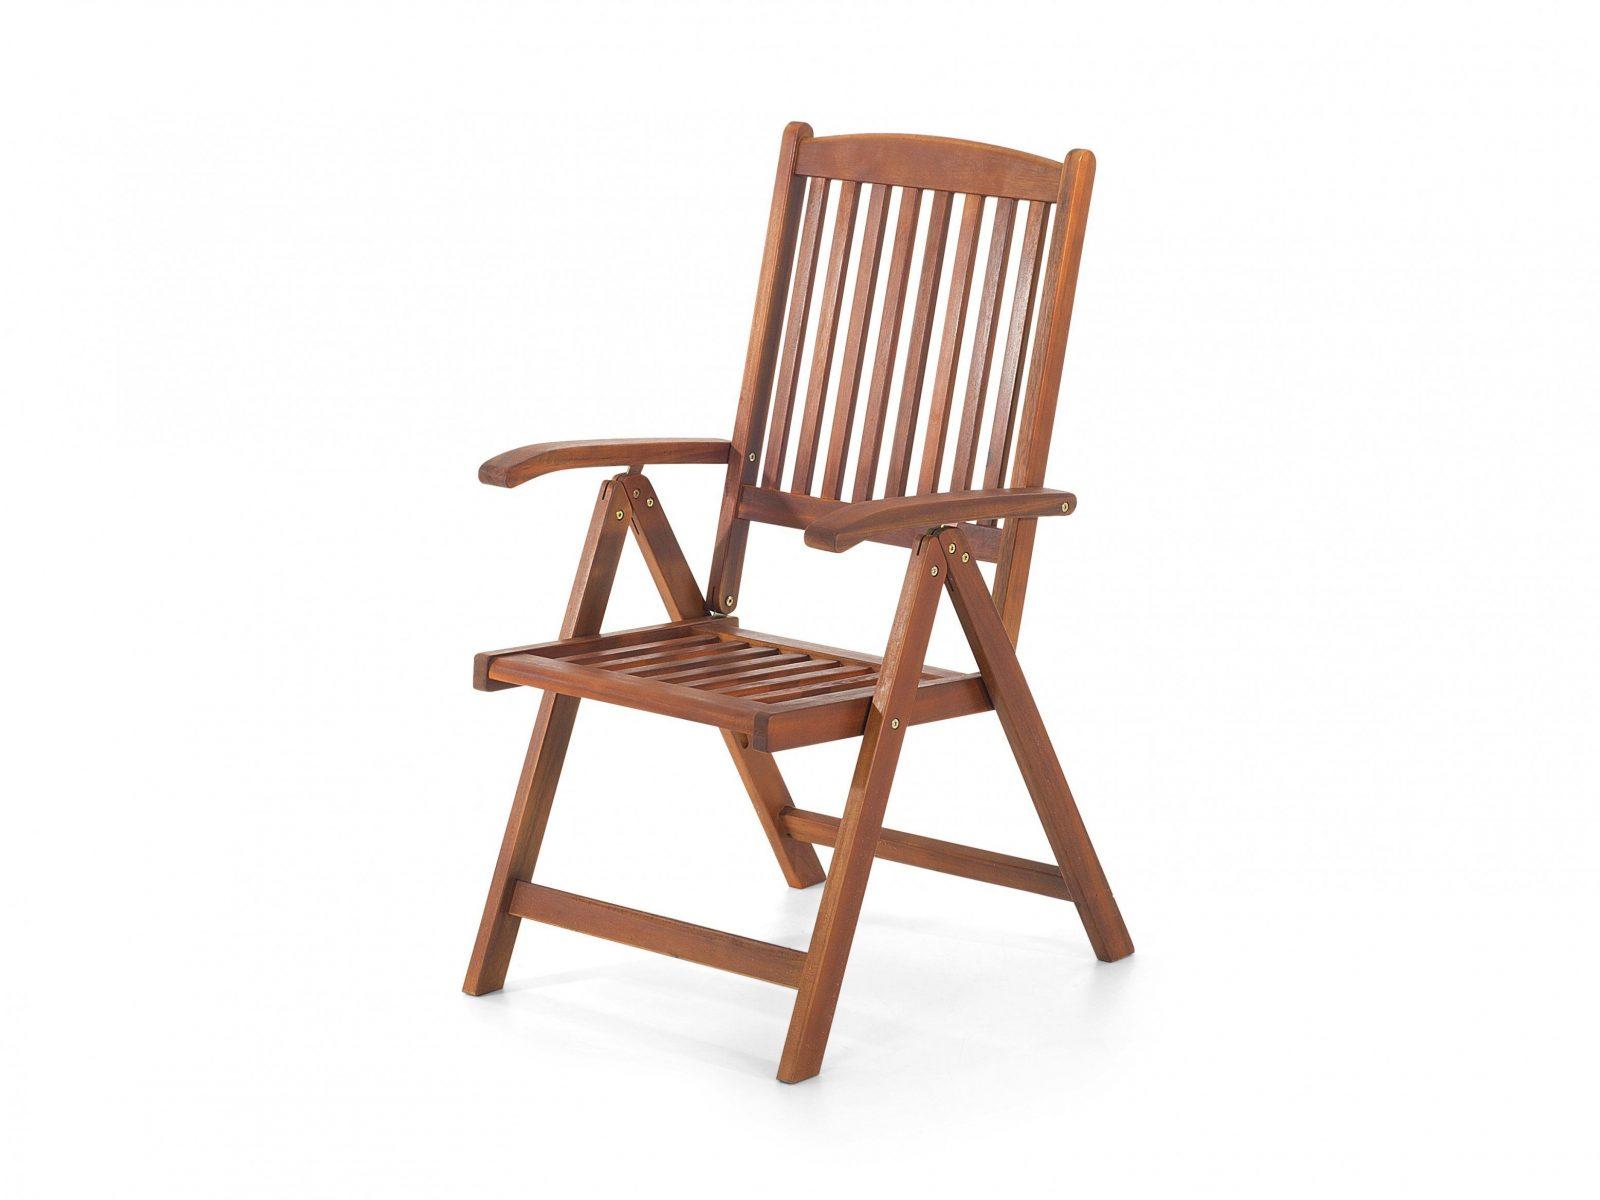 Gartenstuhl Holz Verstellbar Toscana  Kauf Ohne Risiko Auf Rechnung von Gartenstuhl Mit Verstellbarer Rückenlehne Bild